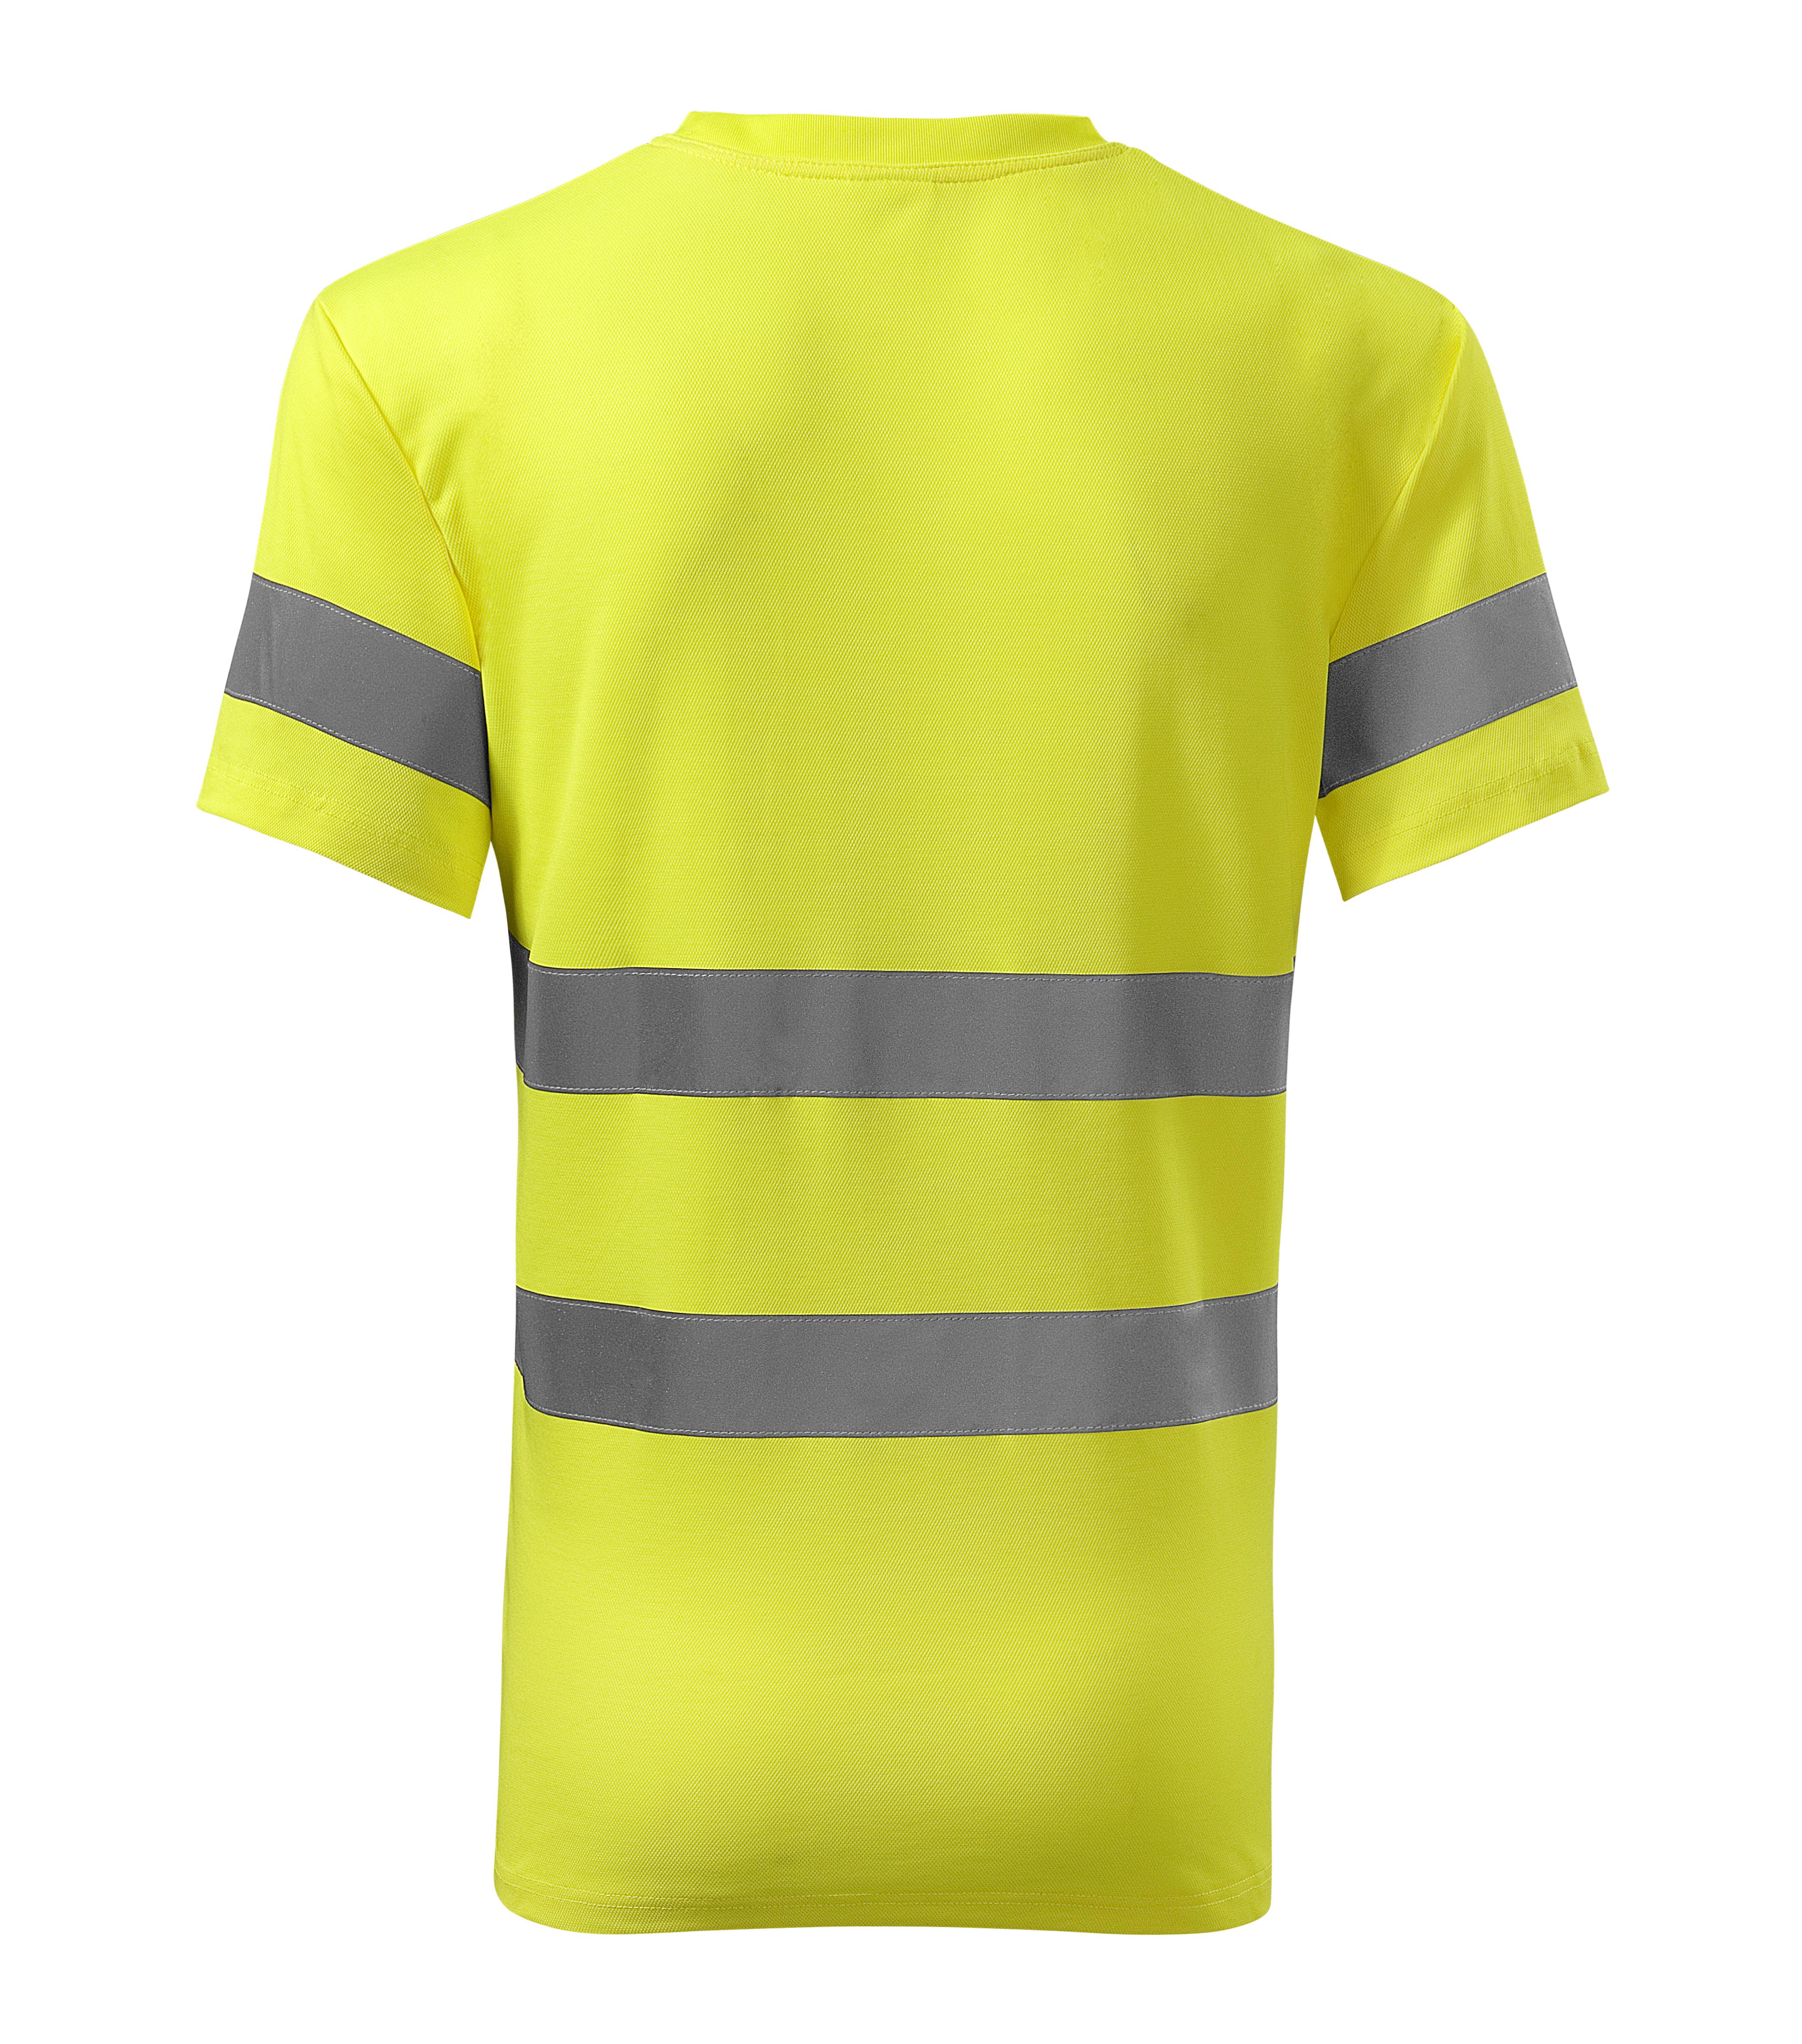 Żółta koszulka odblaskowa Protect - tył